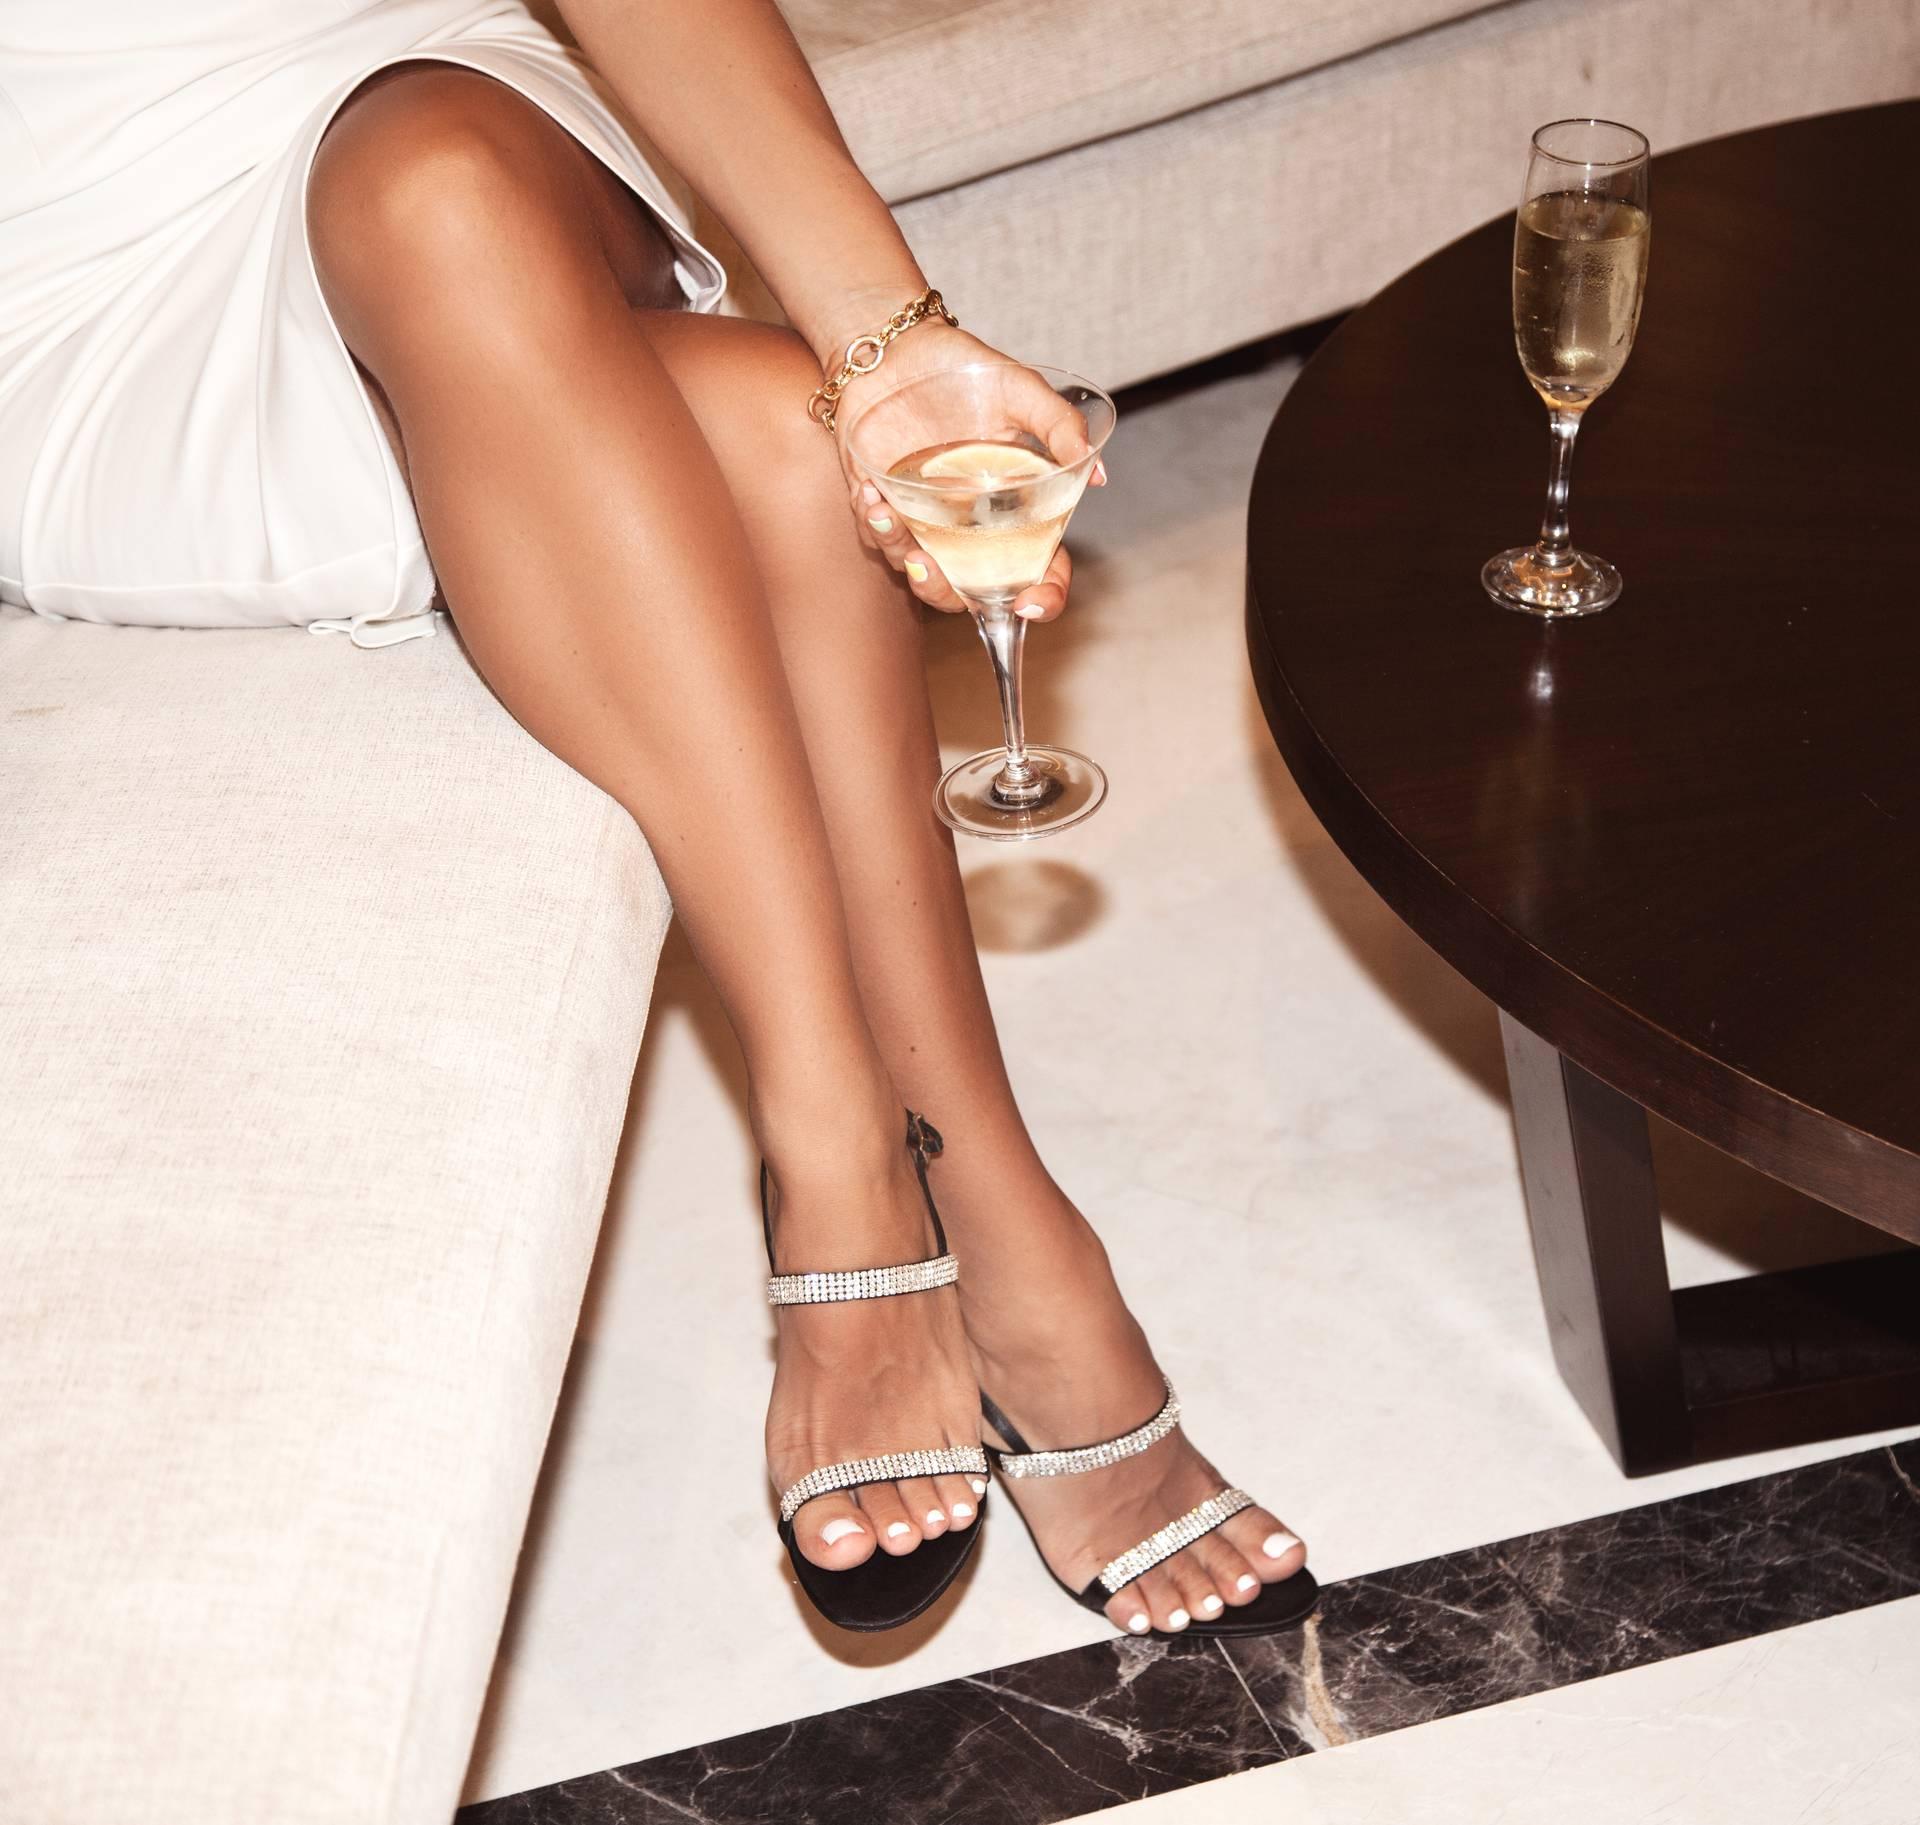 Maksimum ženstvenosti: Top 5 savjeta Coco Chanel za ljepotu